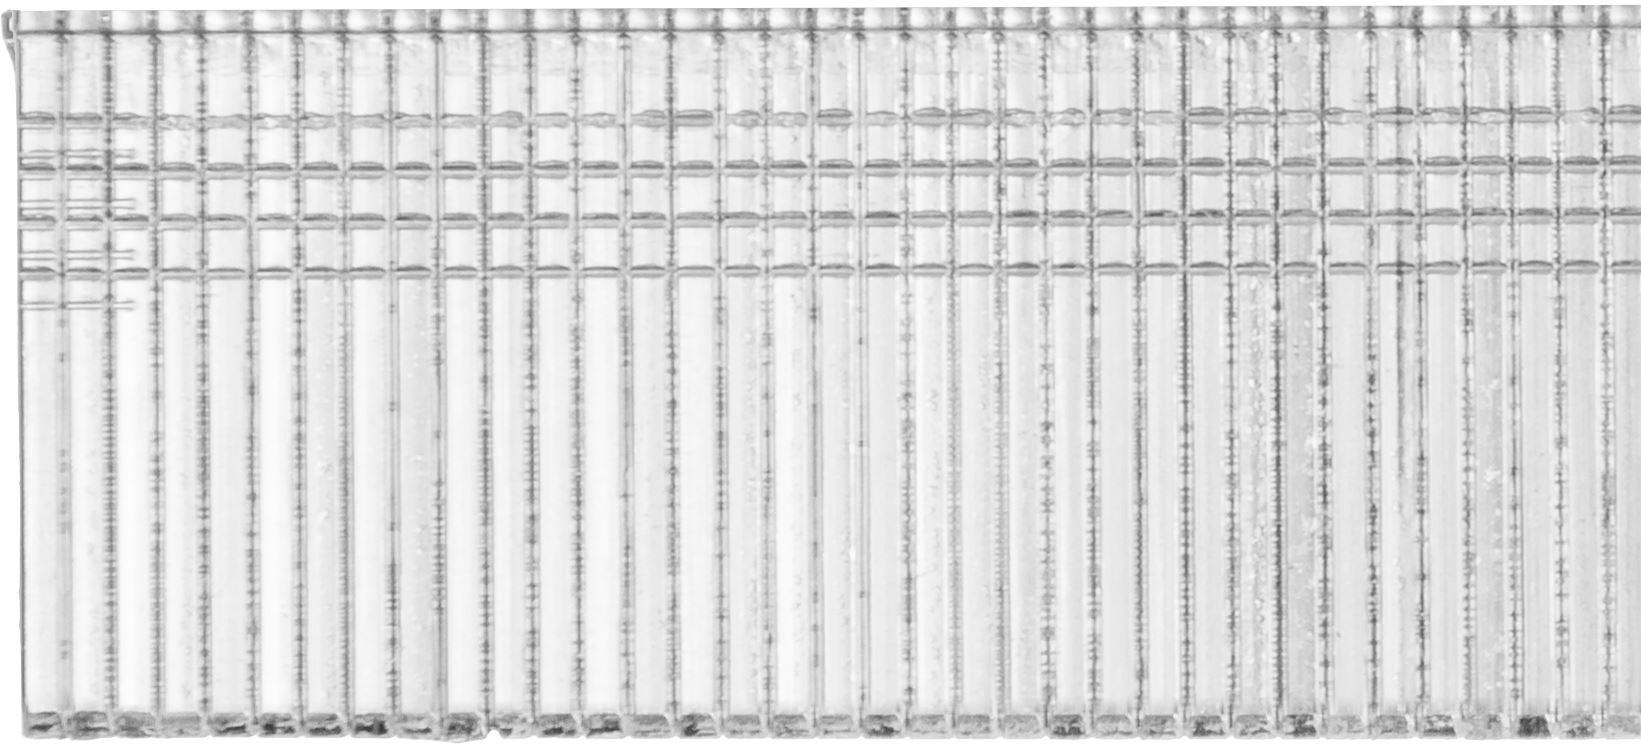 Фото STAYER 20 мм гвозди для нейлера тип 300, 5000 шт {31530-20} (4)